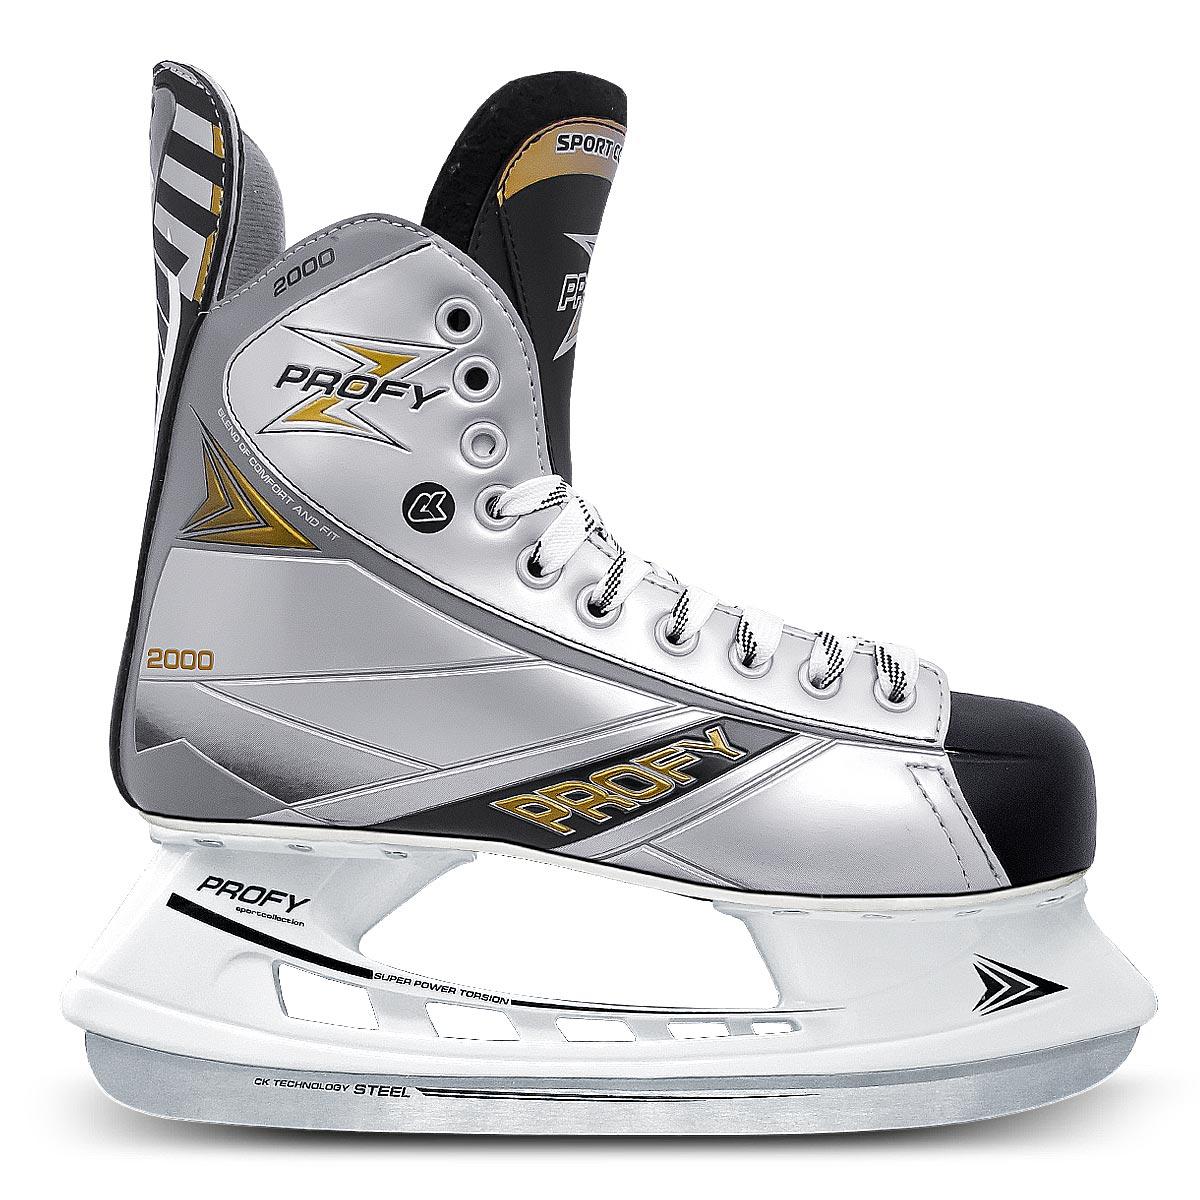 Коньки хоккейные мужские СК Profy Z 2000, цвет: черный, серый. Размер 40PROFY Z 2000_черный, серый_40Стильные мужские коньки от CK Profy Z 2000 прекрасно подойдут для начинающих игроков в хоккей. Ботинок выполнен из морозоустойчивой искусственной кожи и ПВХ. Мыс дополнен вставкой, которая защитит ноги от ударов. Внутренний слой и стелька изготовлены из мягкого текстиля, который обеспечит тепло и комфорт во время катания, язычок - из войлока. Плотная шнуровка надежно фиксирует модель на ноге. Голеностоп имеет удобный суппорт. По верху коньки декорированы тиснением в виде логотипа бренда. Подошва - из твердого пластика. Стойка выполнена из ударопрочного поливинилхлорида. Лезвие из углеродистой нержавеющей стали обеспечит превосходное скольжение. Оригинальные коньки придутся вам по душе.